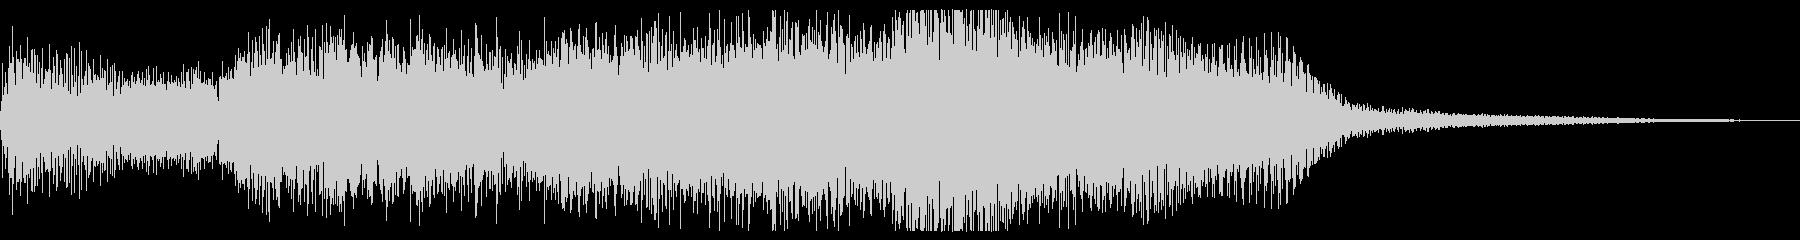 暗いファンタジー、魔法的なジングルの未再生の波形